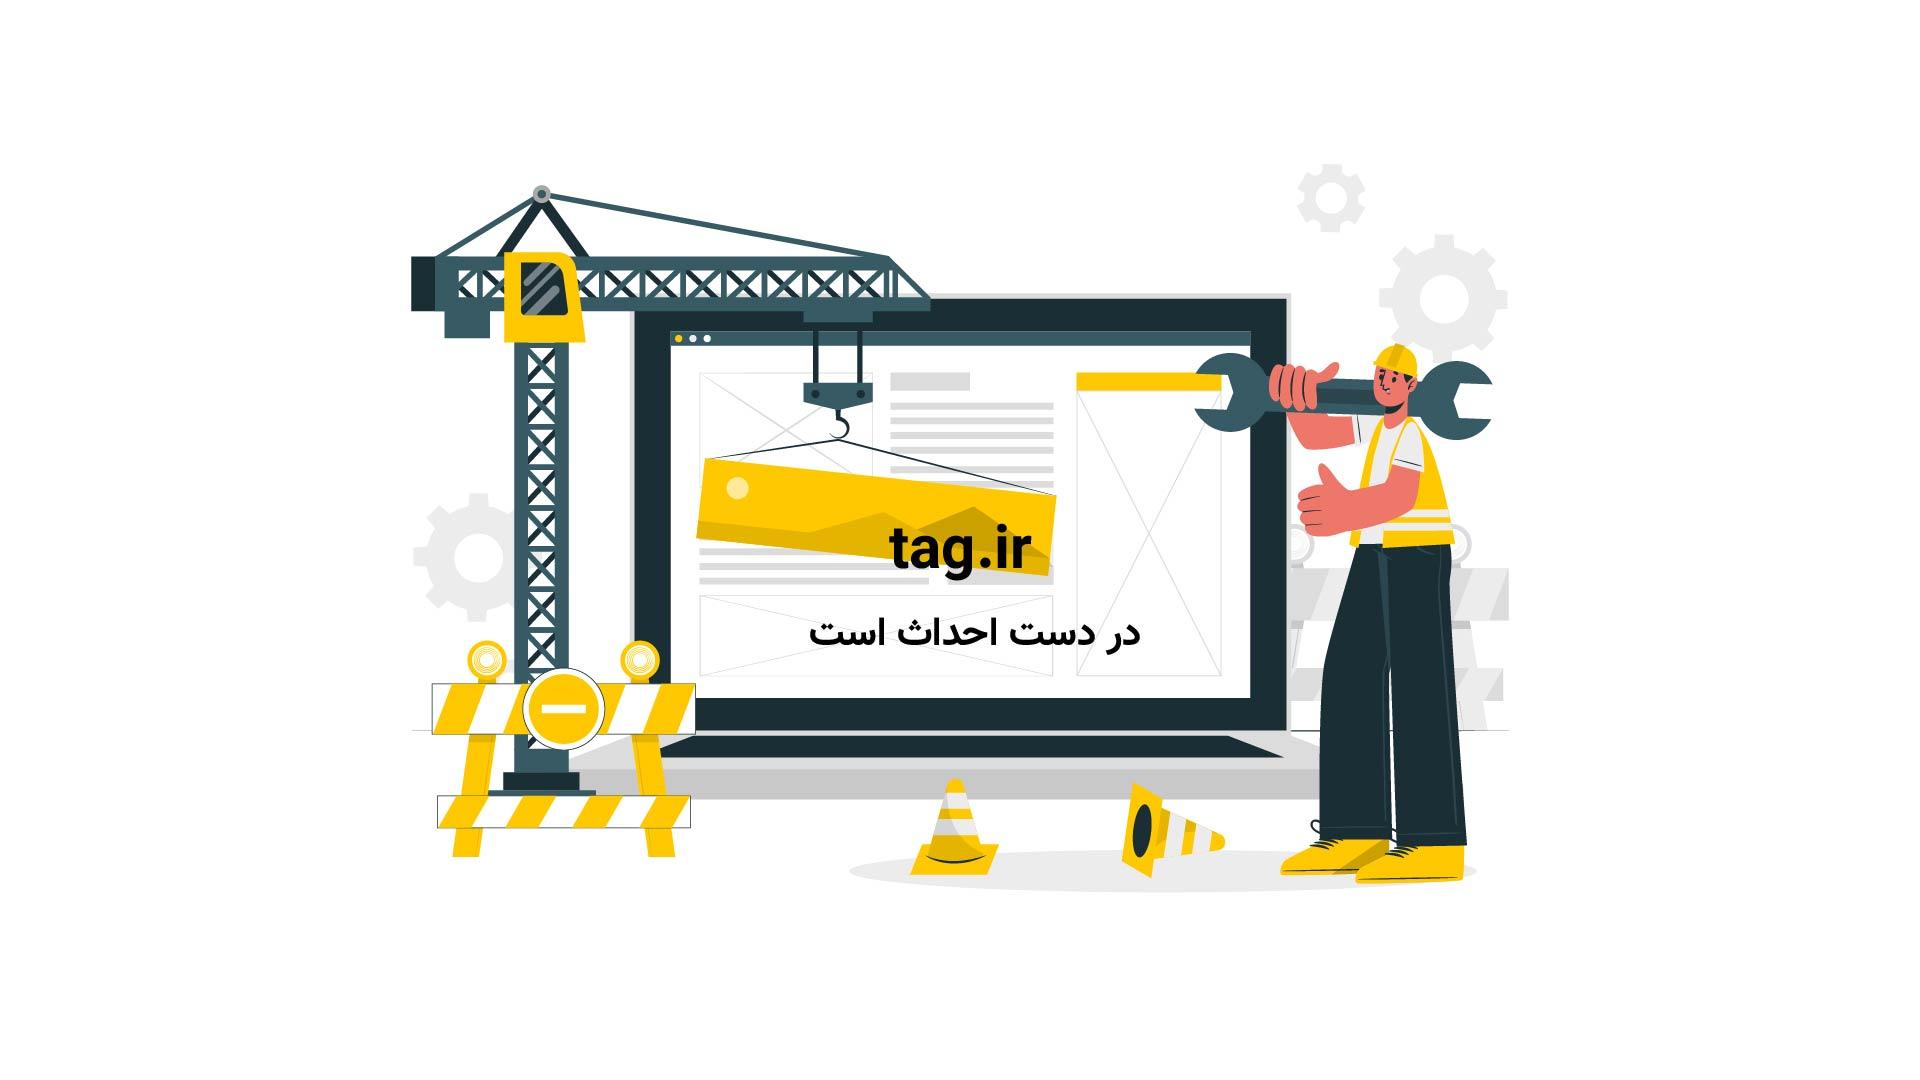 بهترین روش خرد و خشک کردن سبزیجات + فیلم